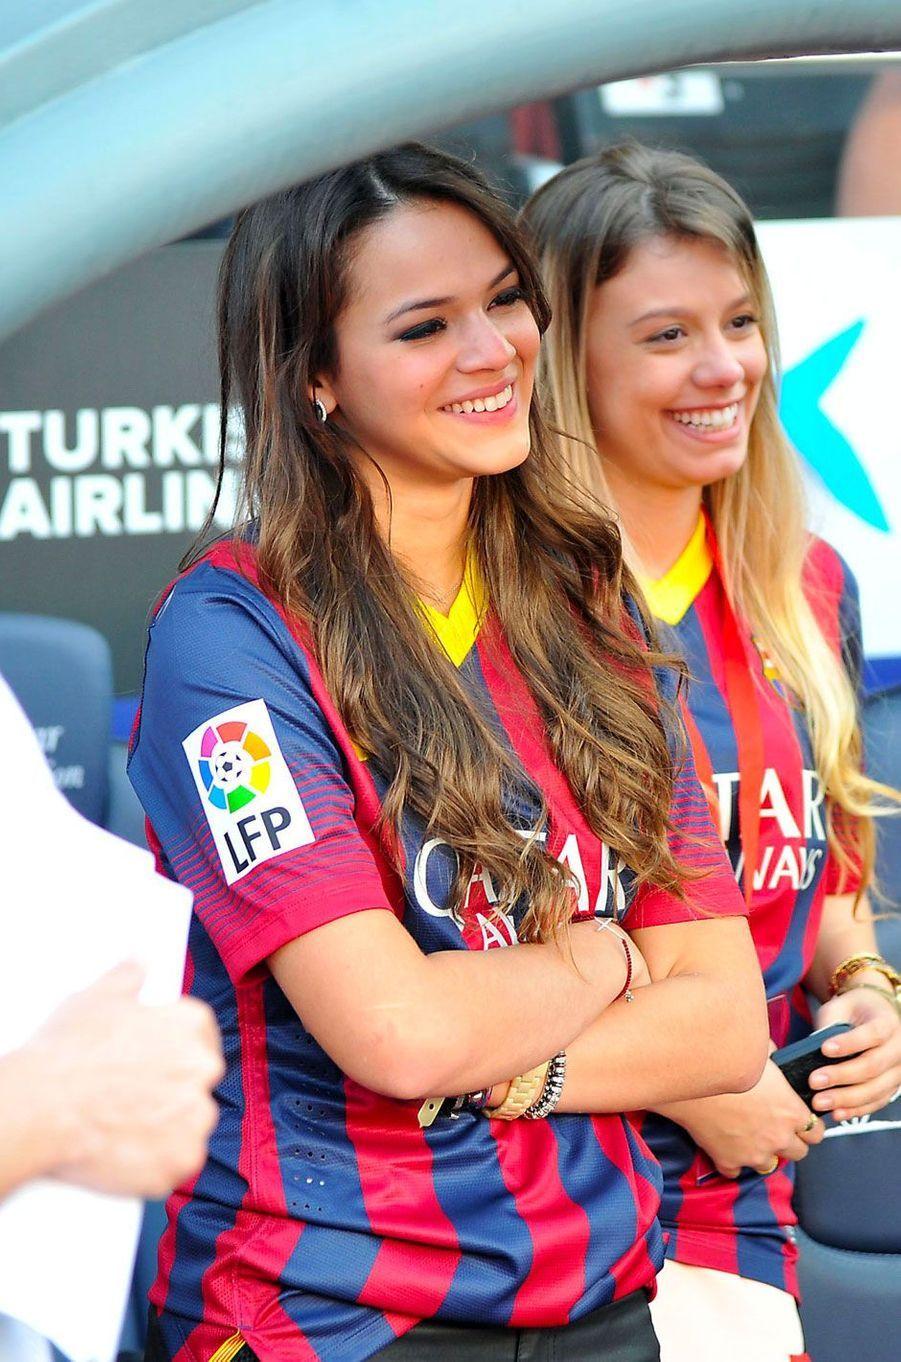 Bruna Marquezine dans les gradins lors d'un match du FC Barcelone en juin 2013